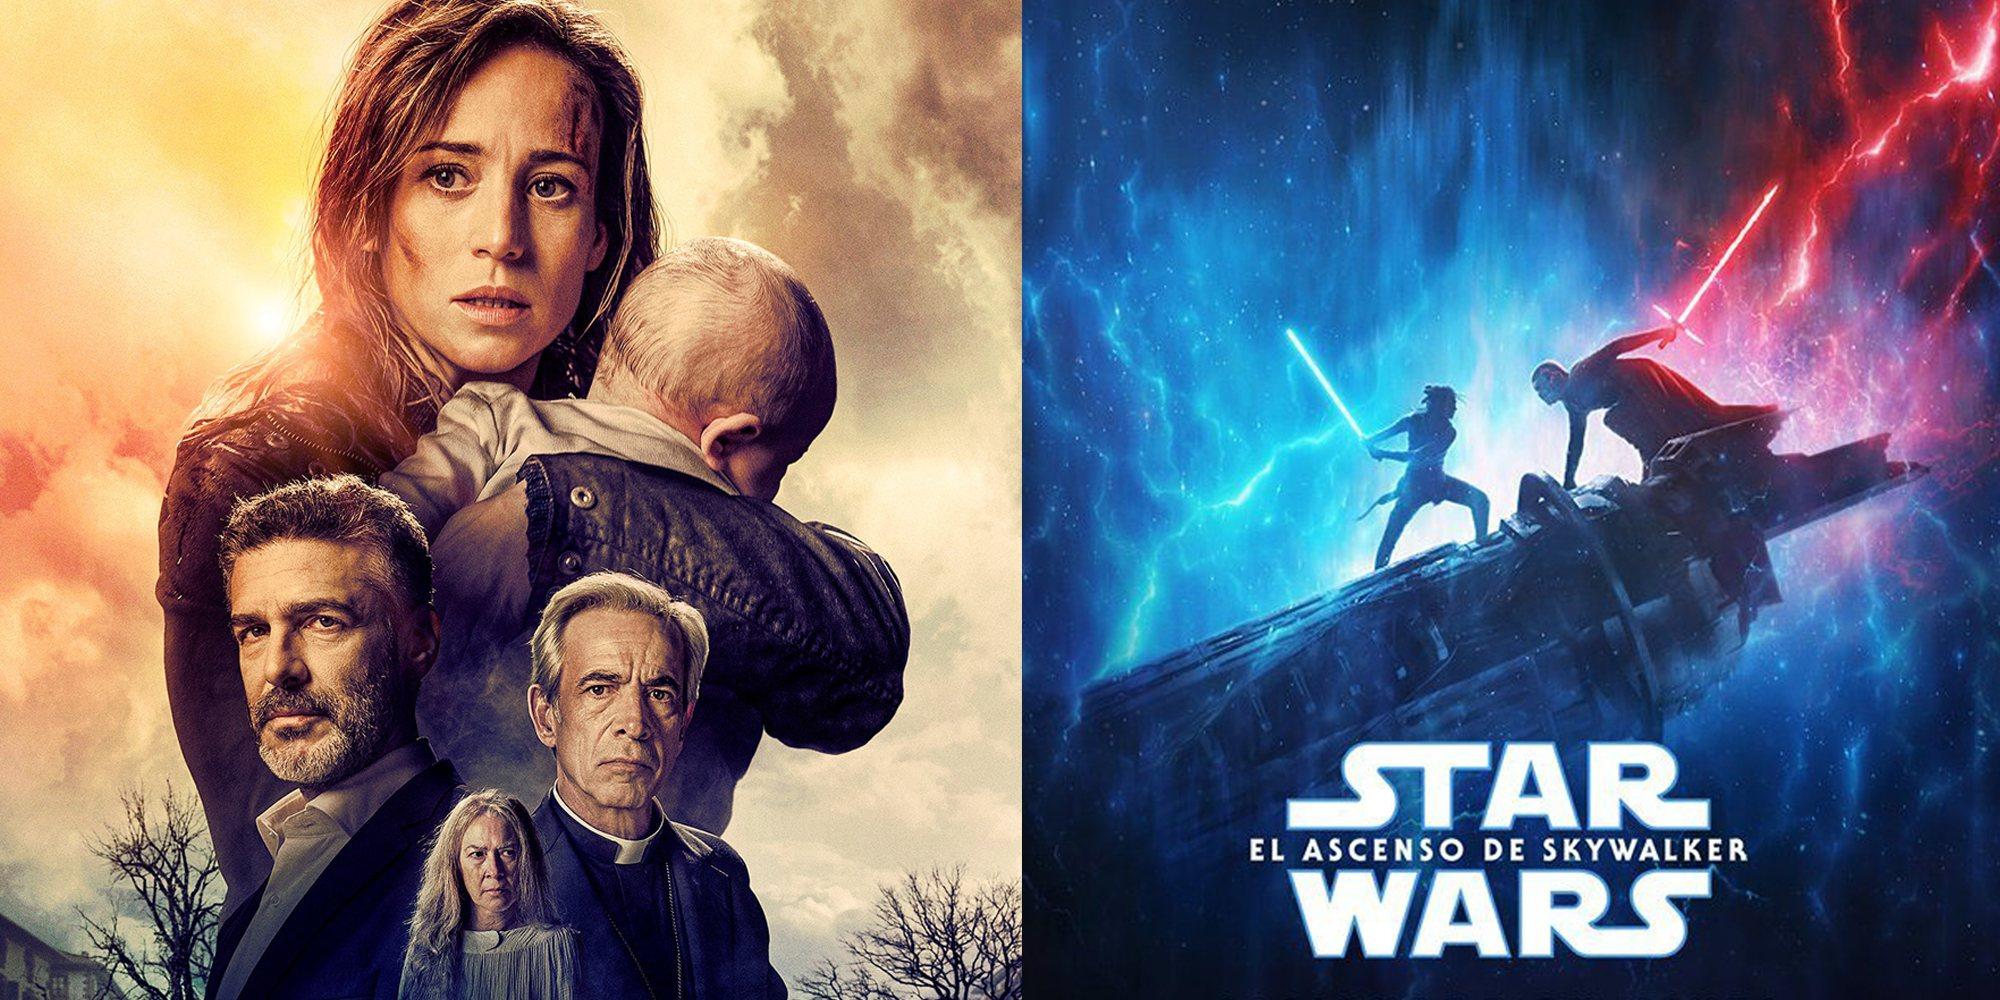 Las 5 películas más esperadas de diciembre de 2019